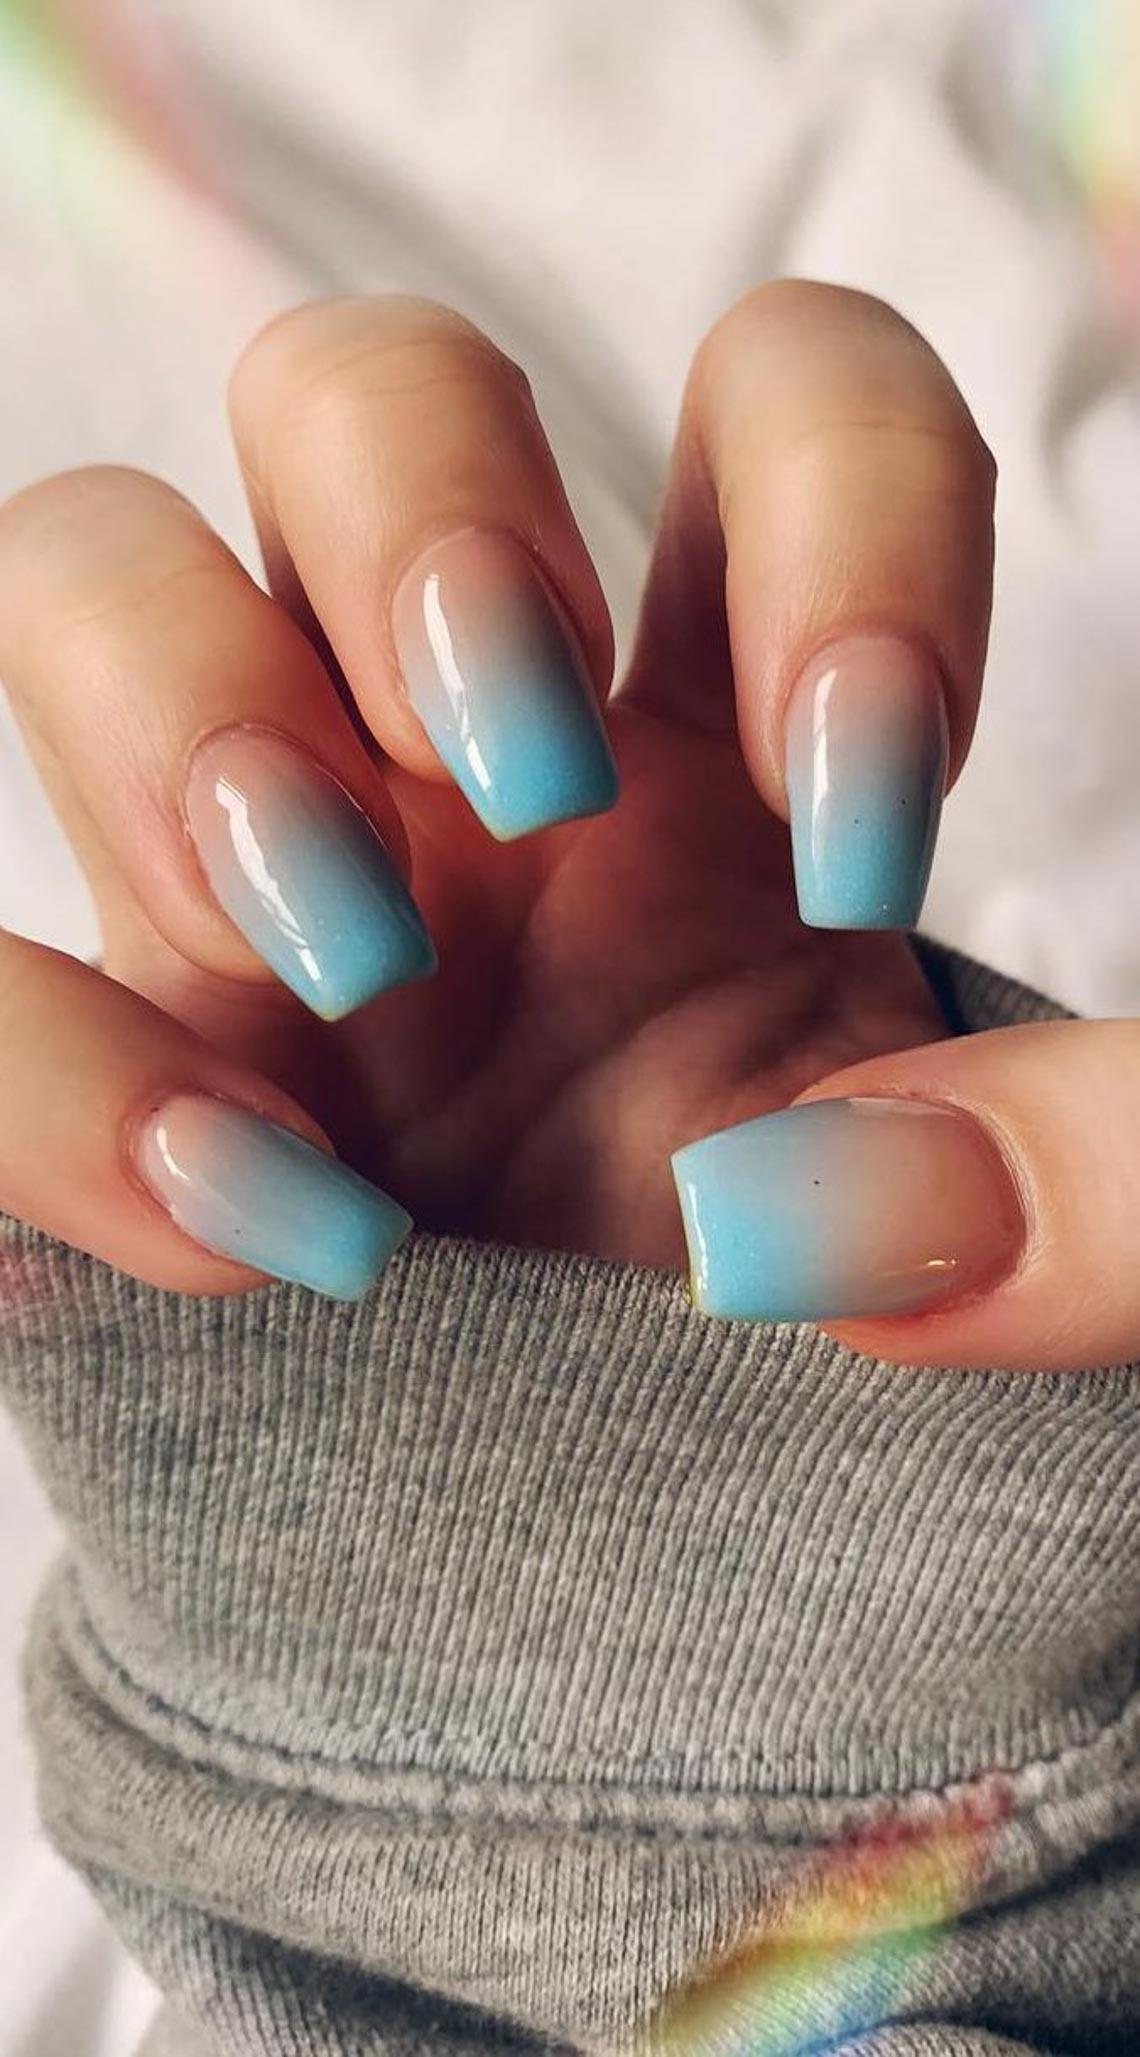 Các mẫu nails đang được yêu thích hiện nay - 11